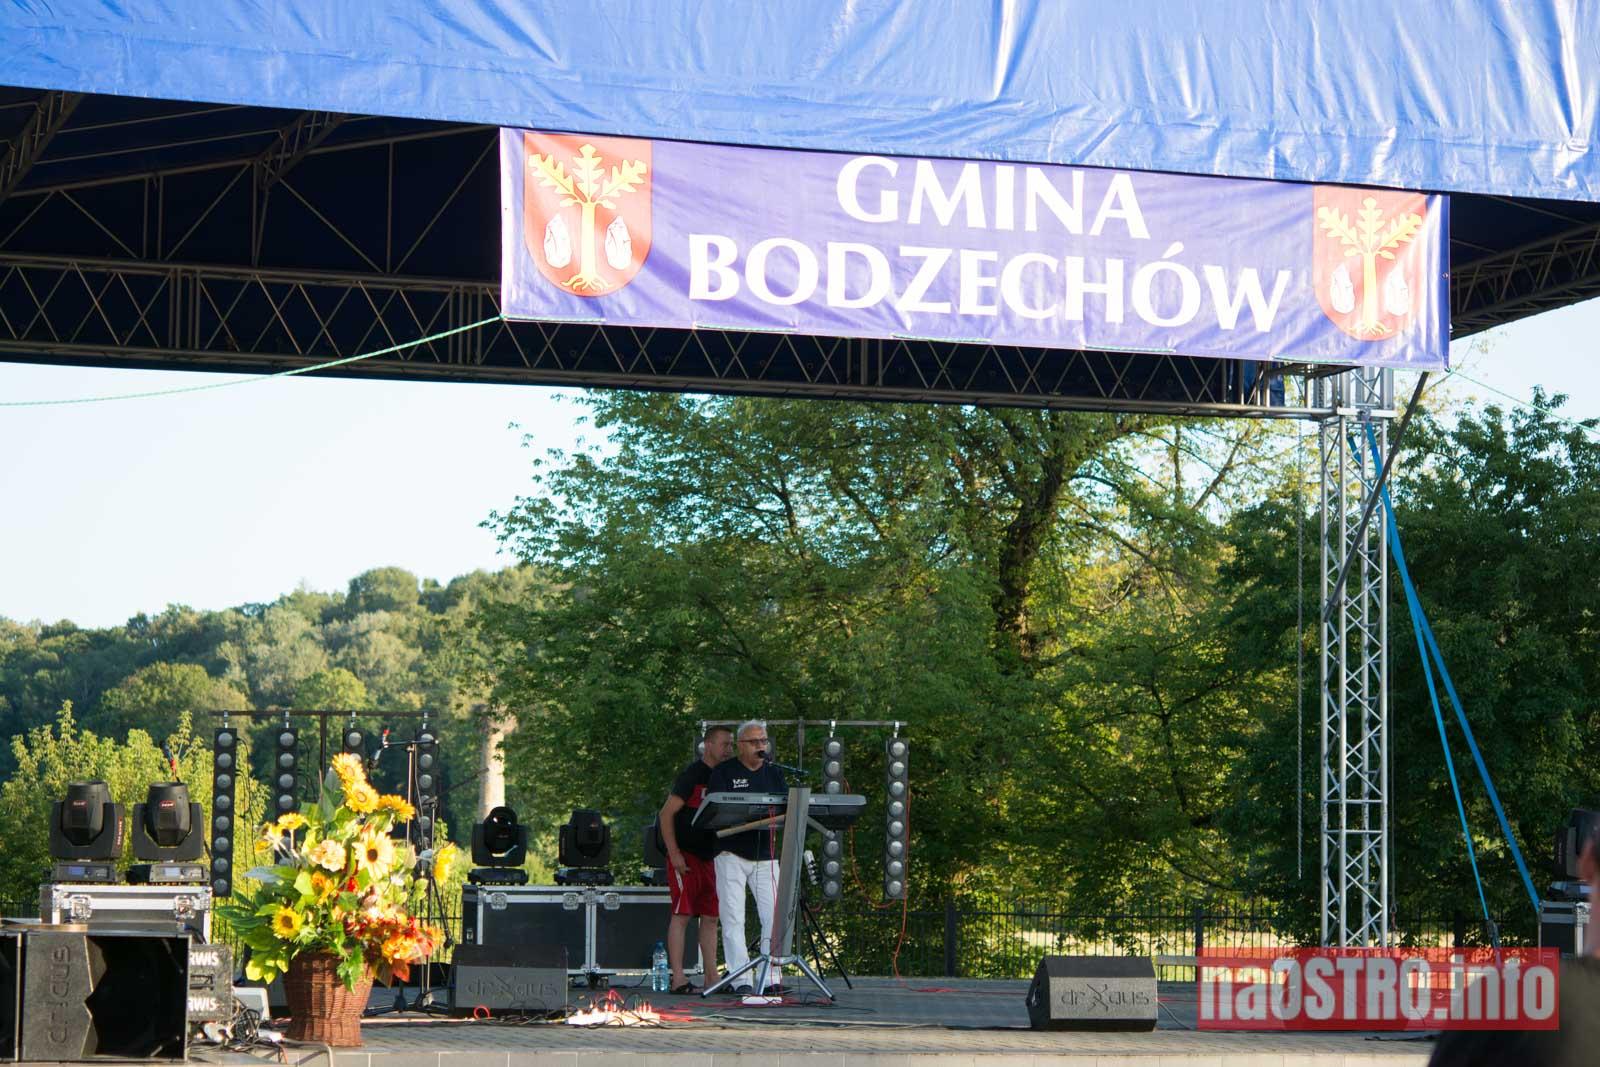 NaOSTRO festyn Bodzechów-109